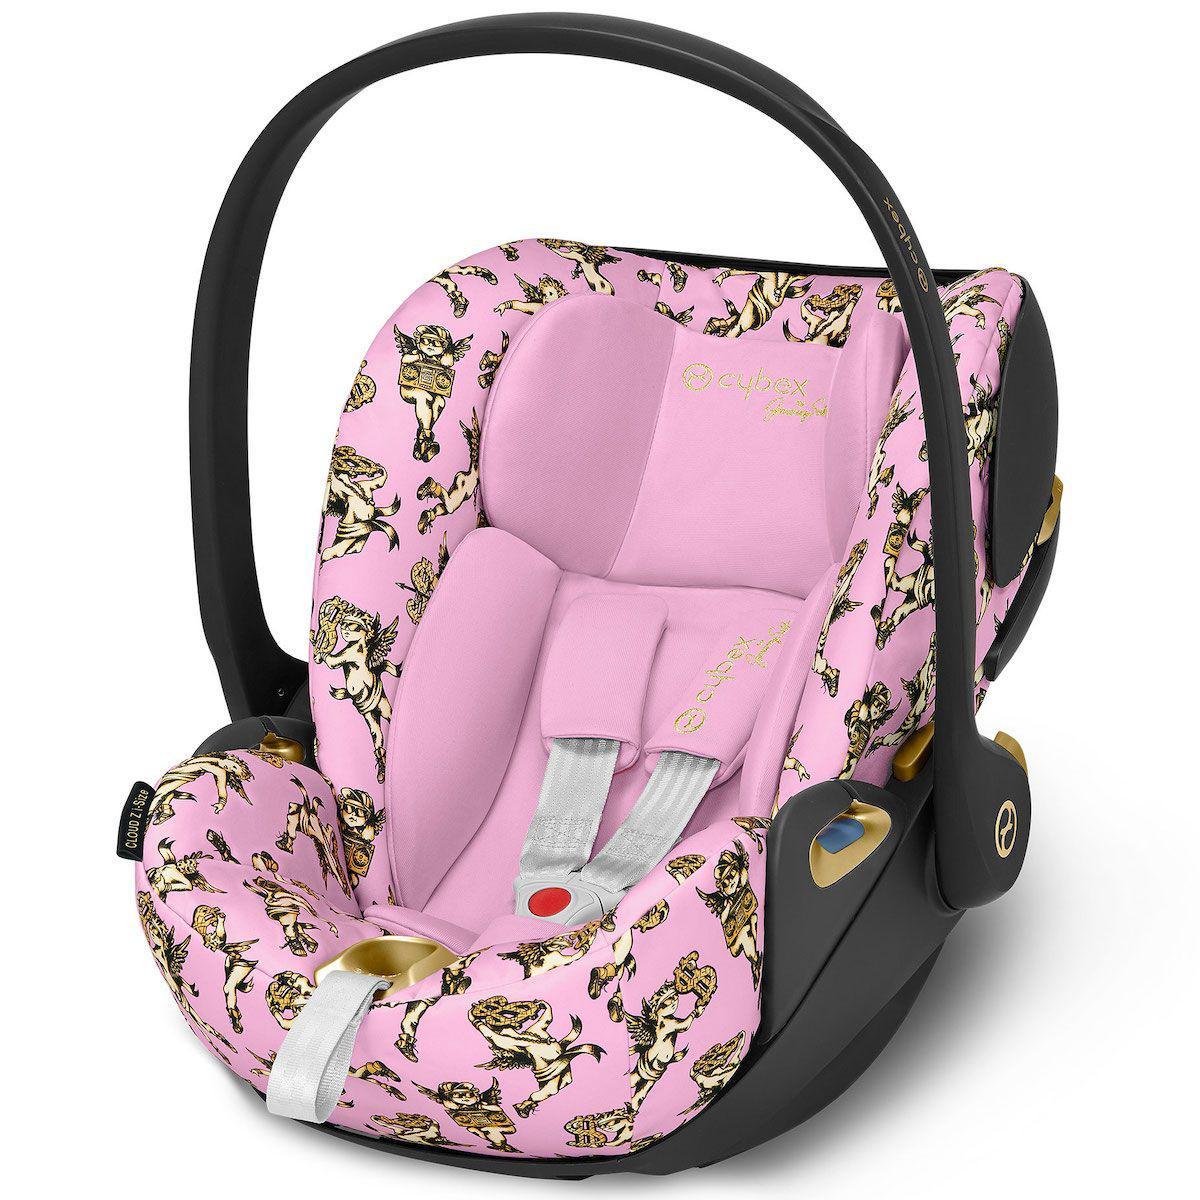 Autositz gr0+ CLOUD Z I-SIZE Cybex pink-pink